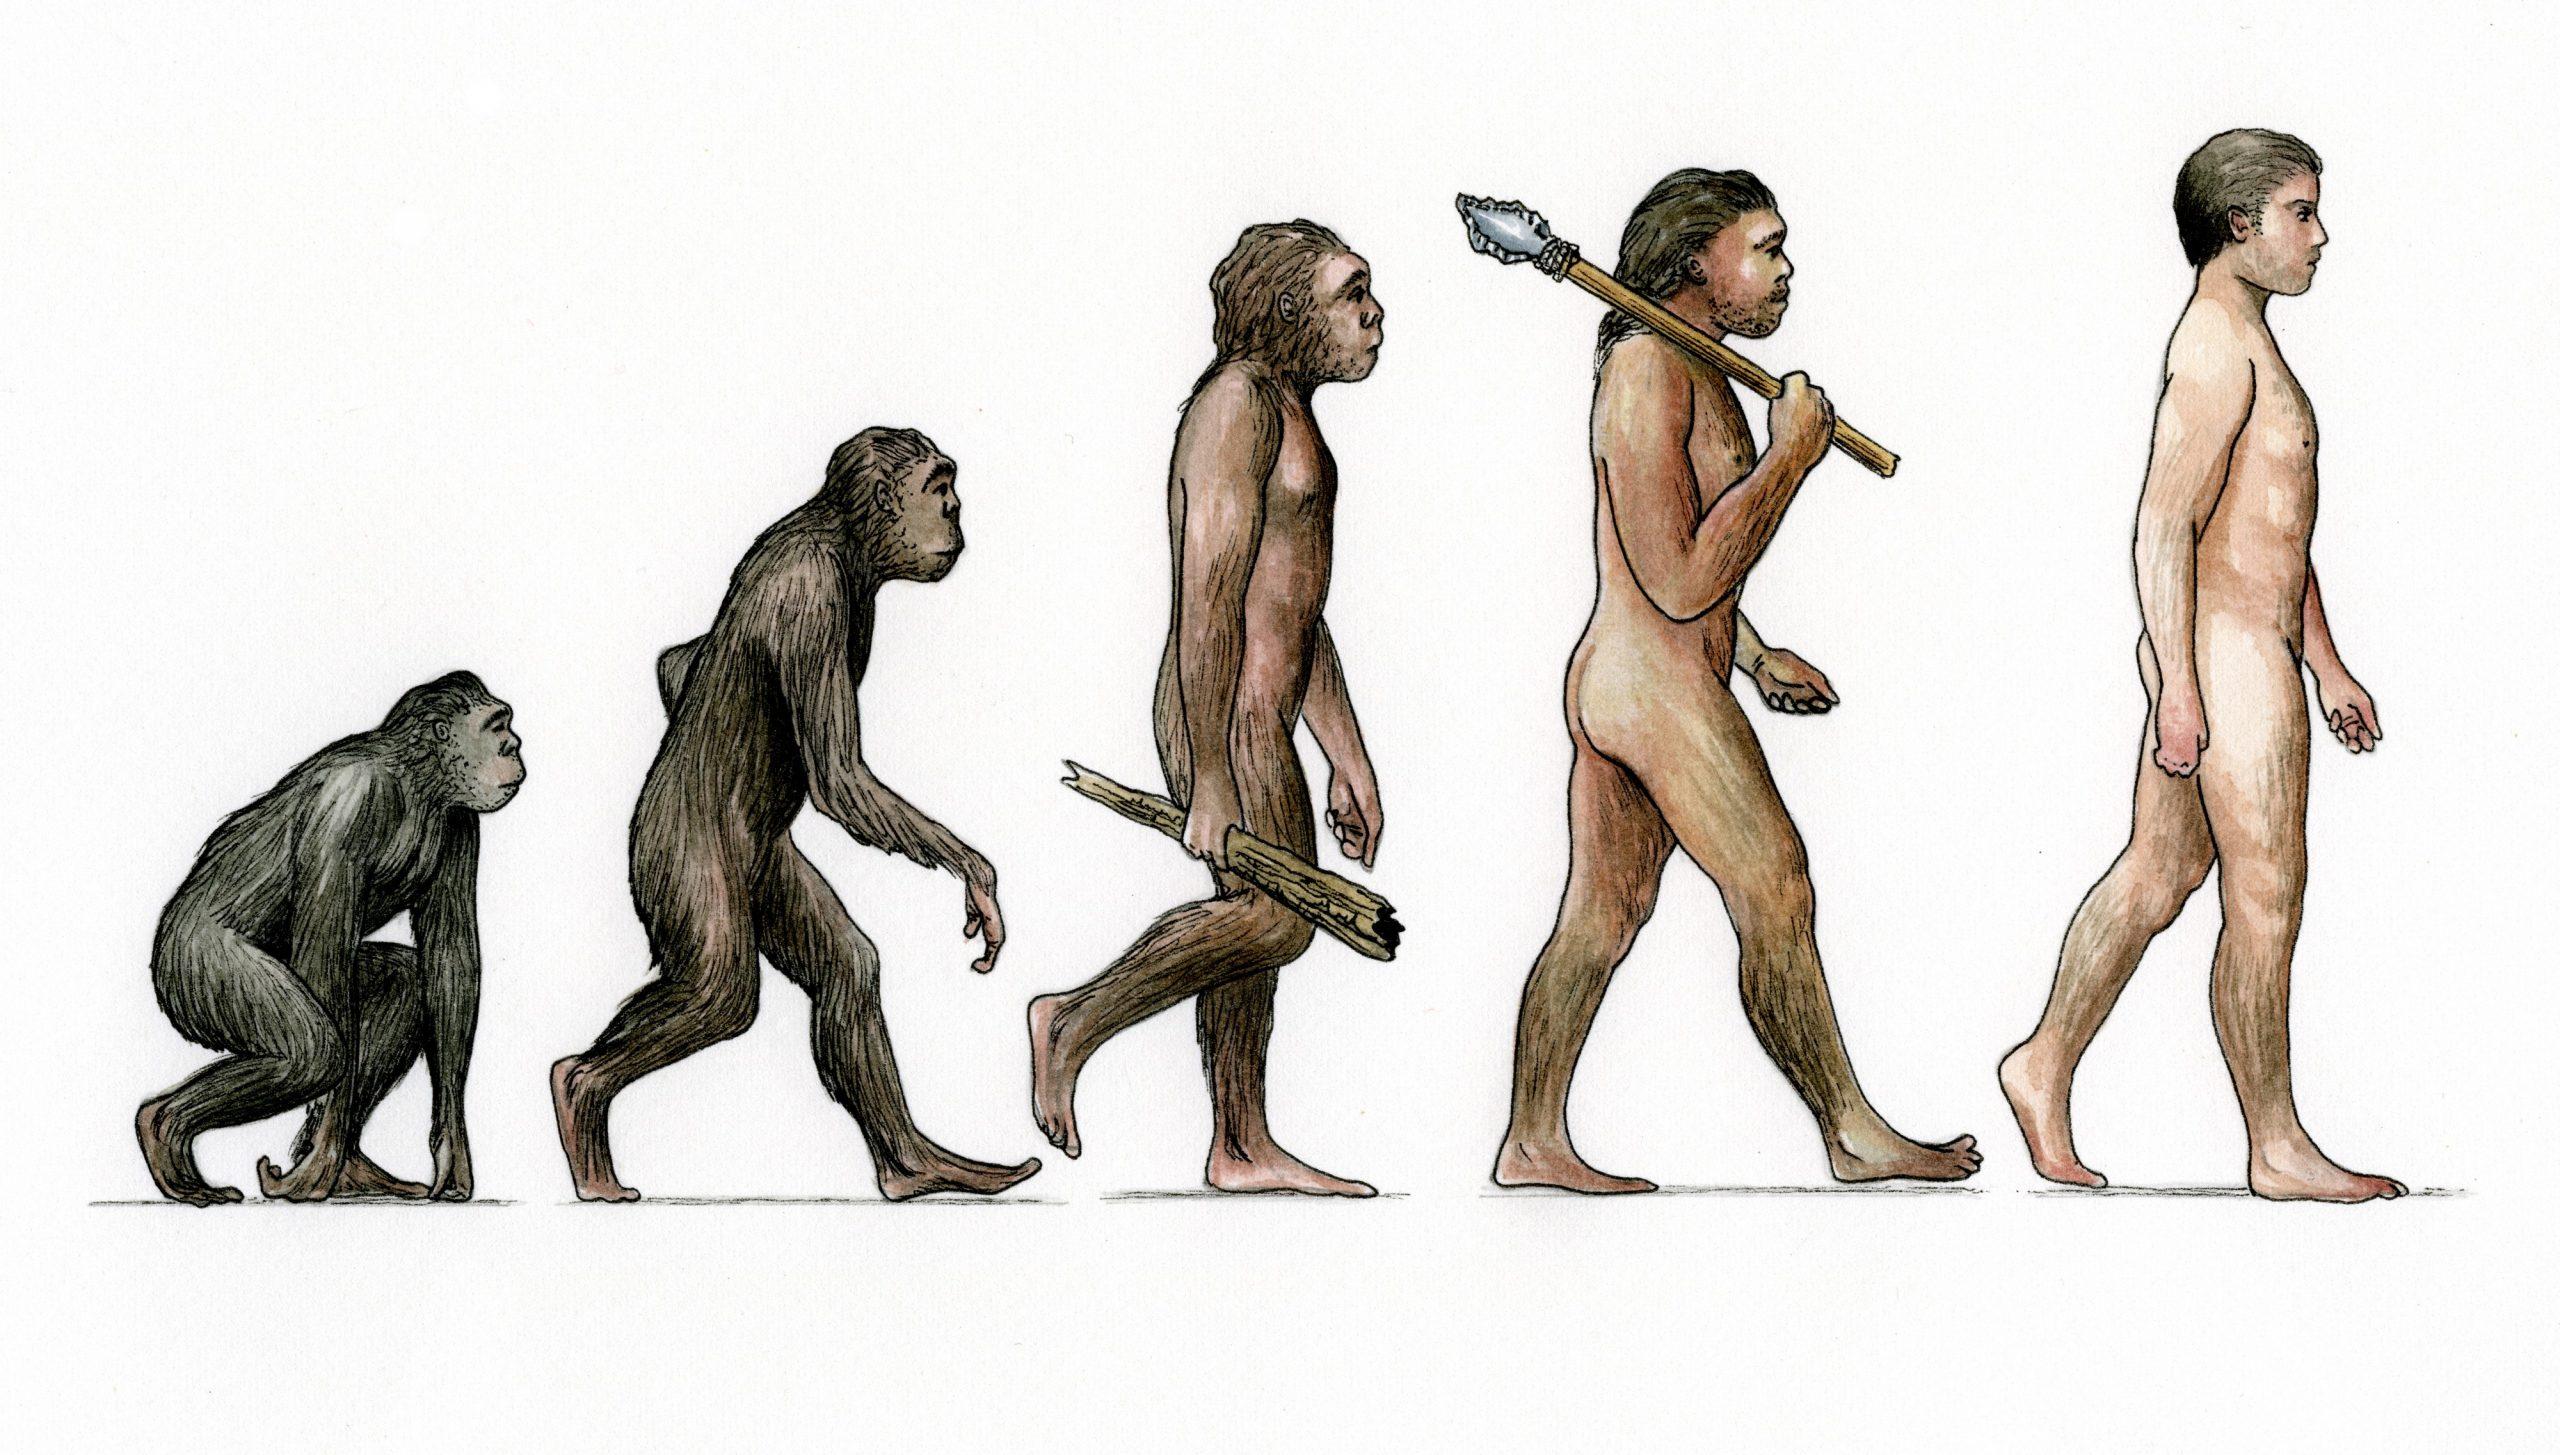 биологическая эволюция фото пытается